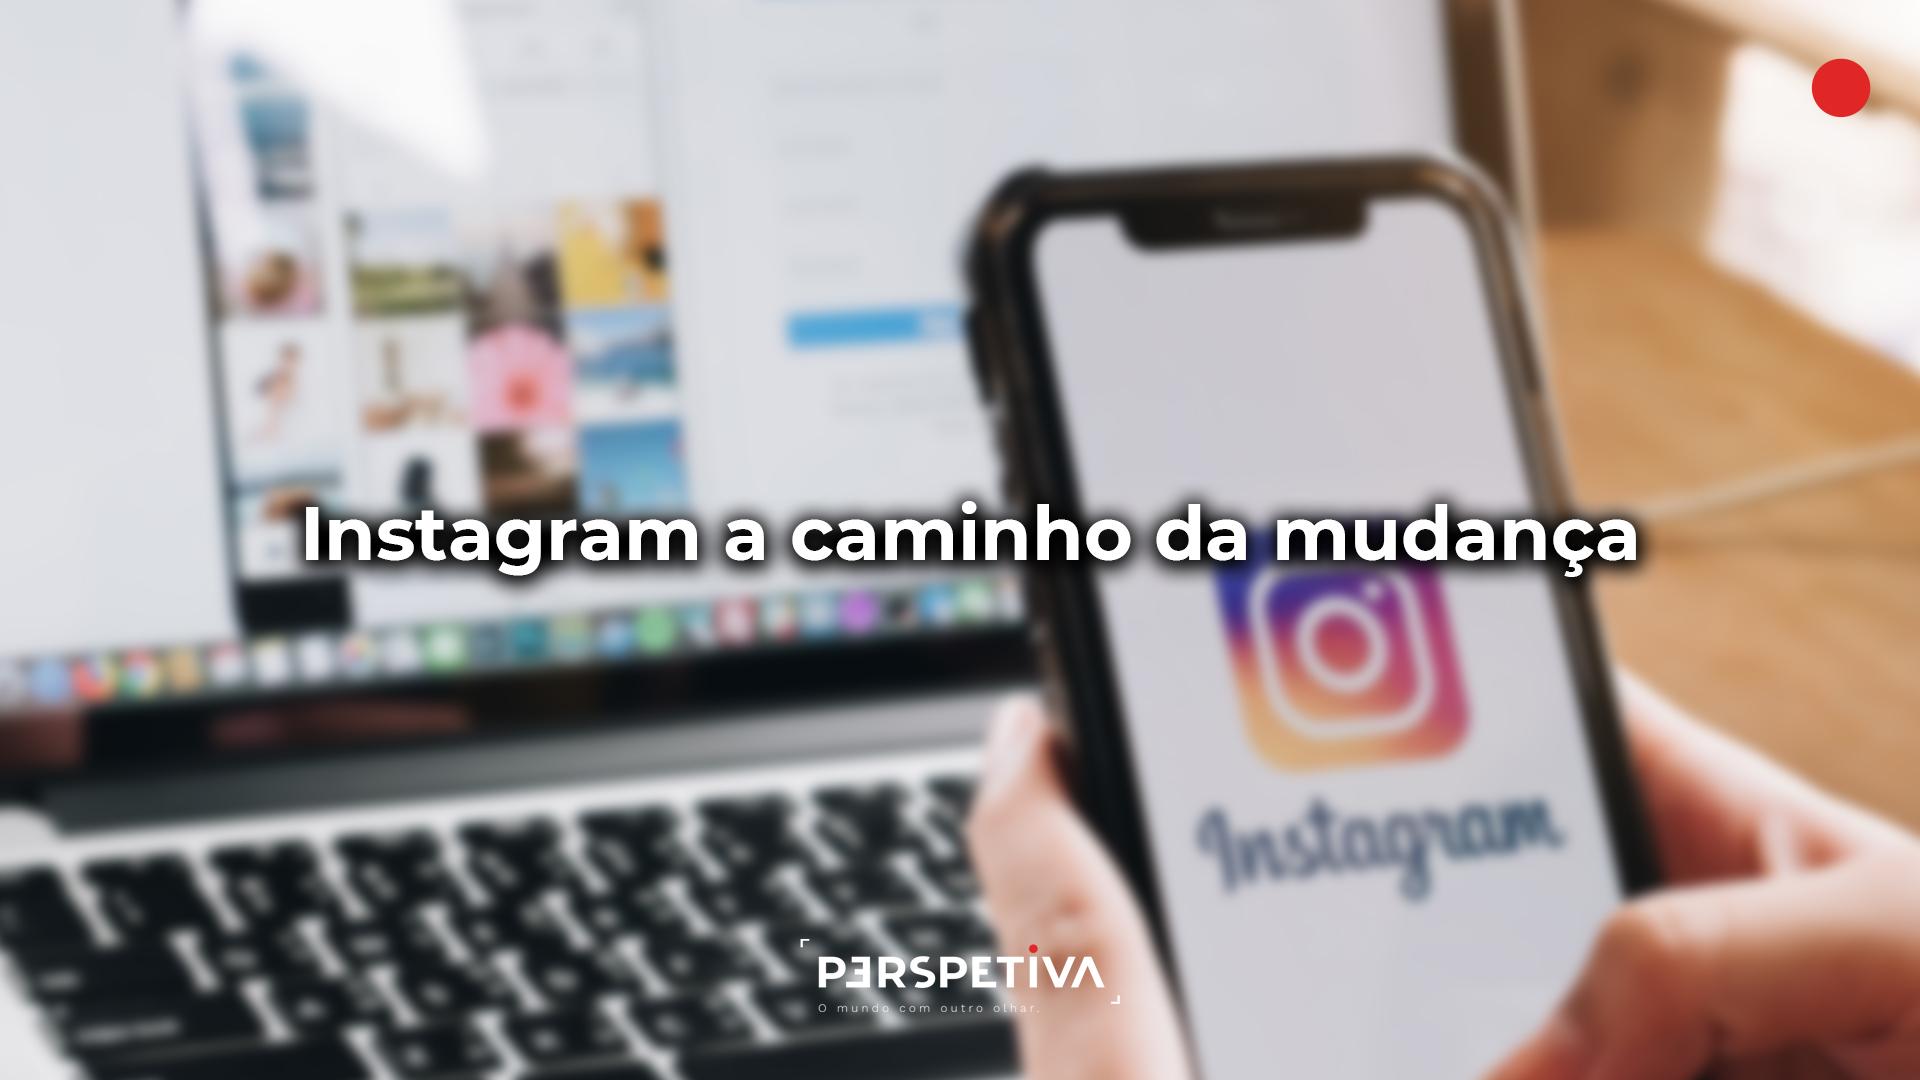 «Mudanças estão a caminho do vídeo no Instagam», diz o líder desta rede social